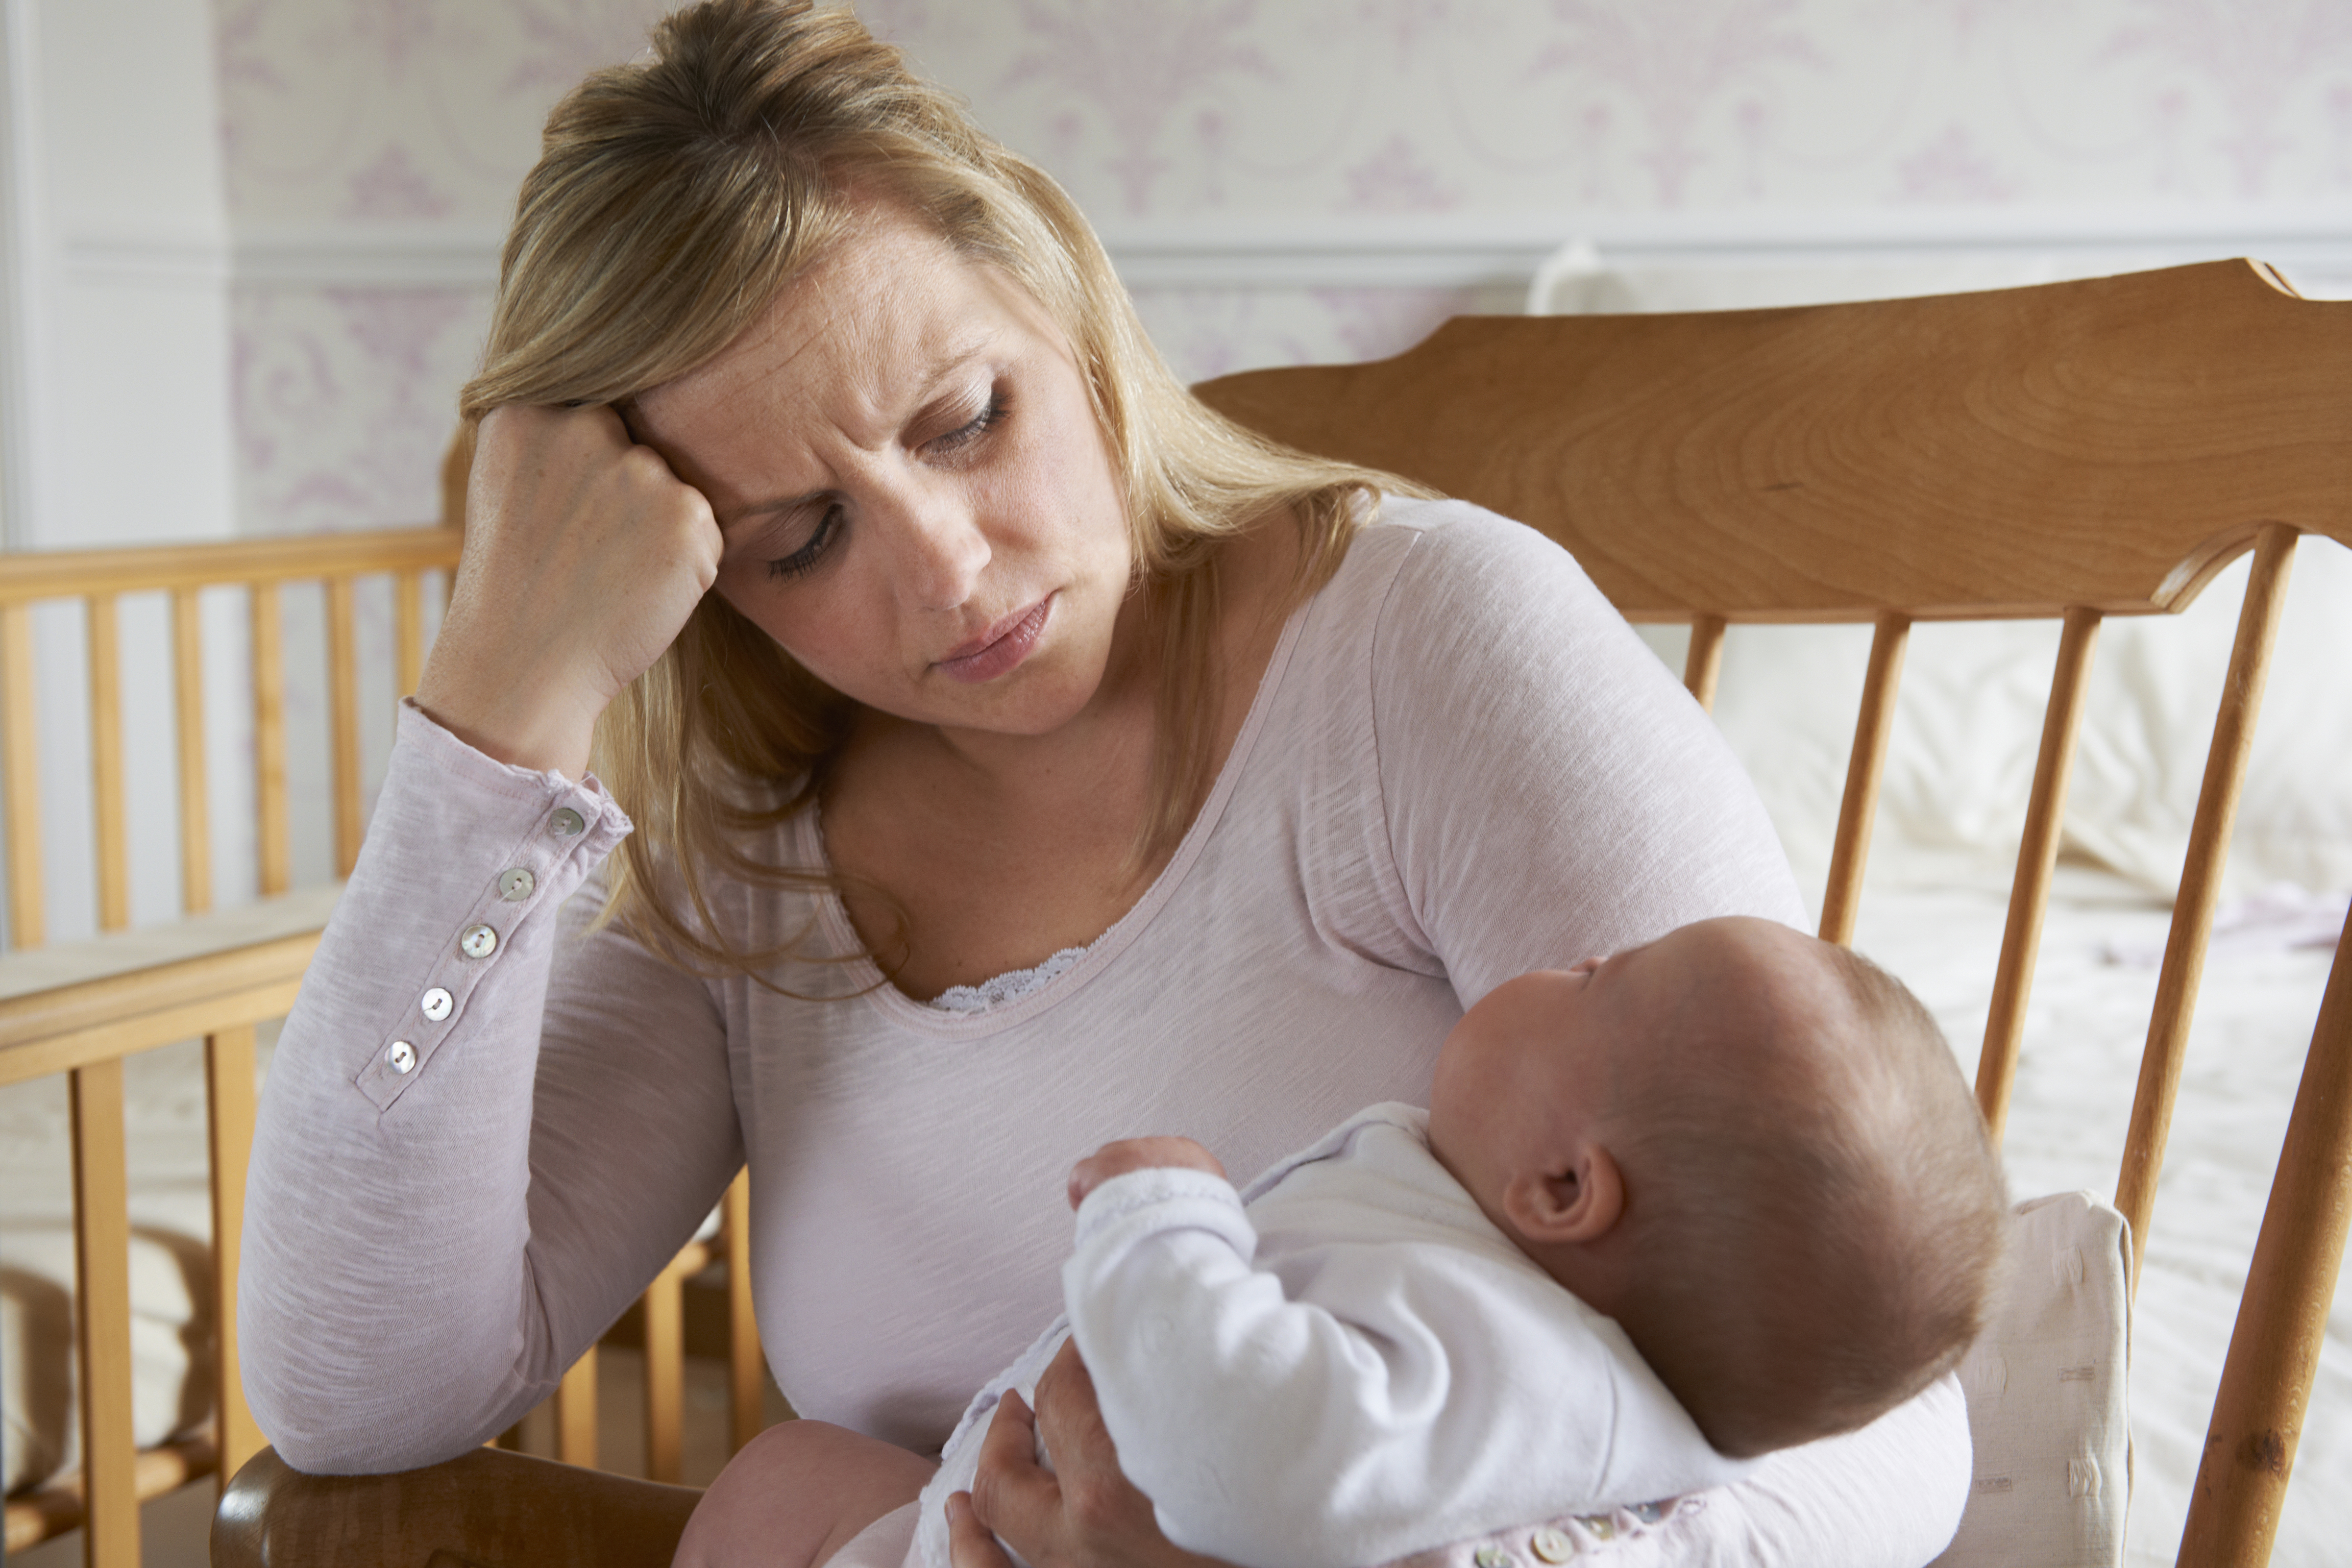 Att kvinnor får ta större ansvar än män när det kommer till barn tros vara en av anledningarna till att sömnen blir lidande.